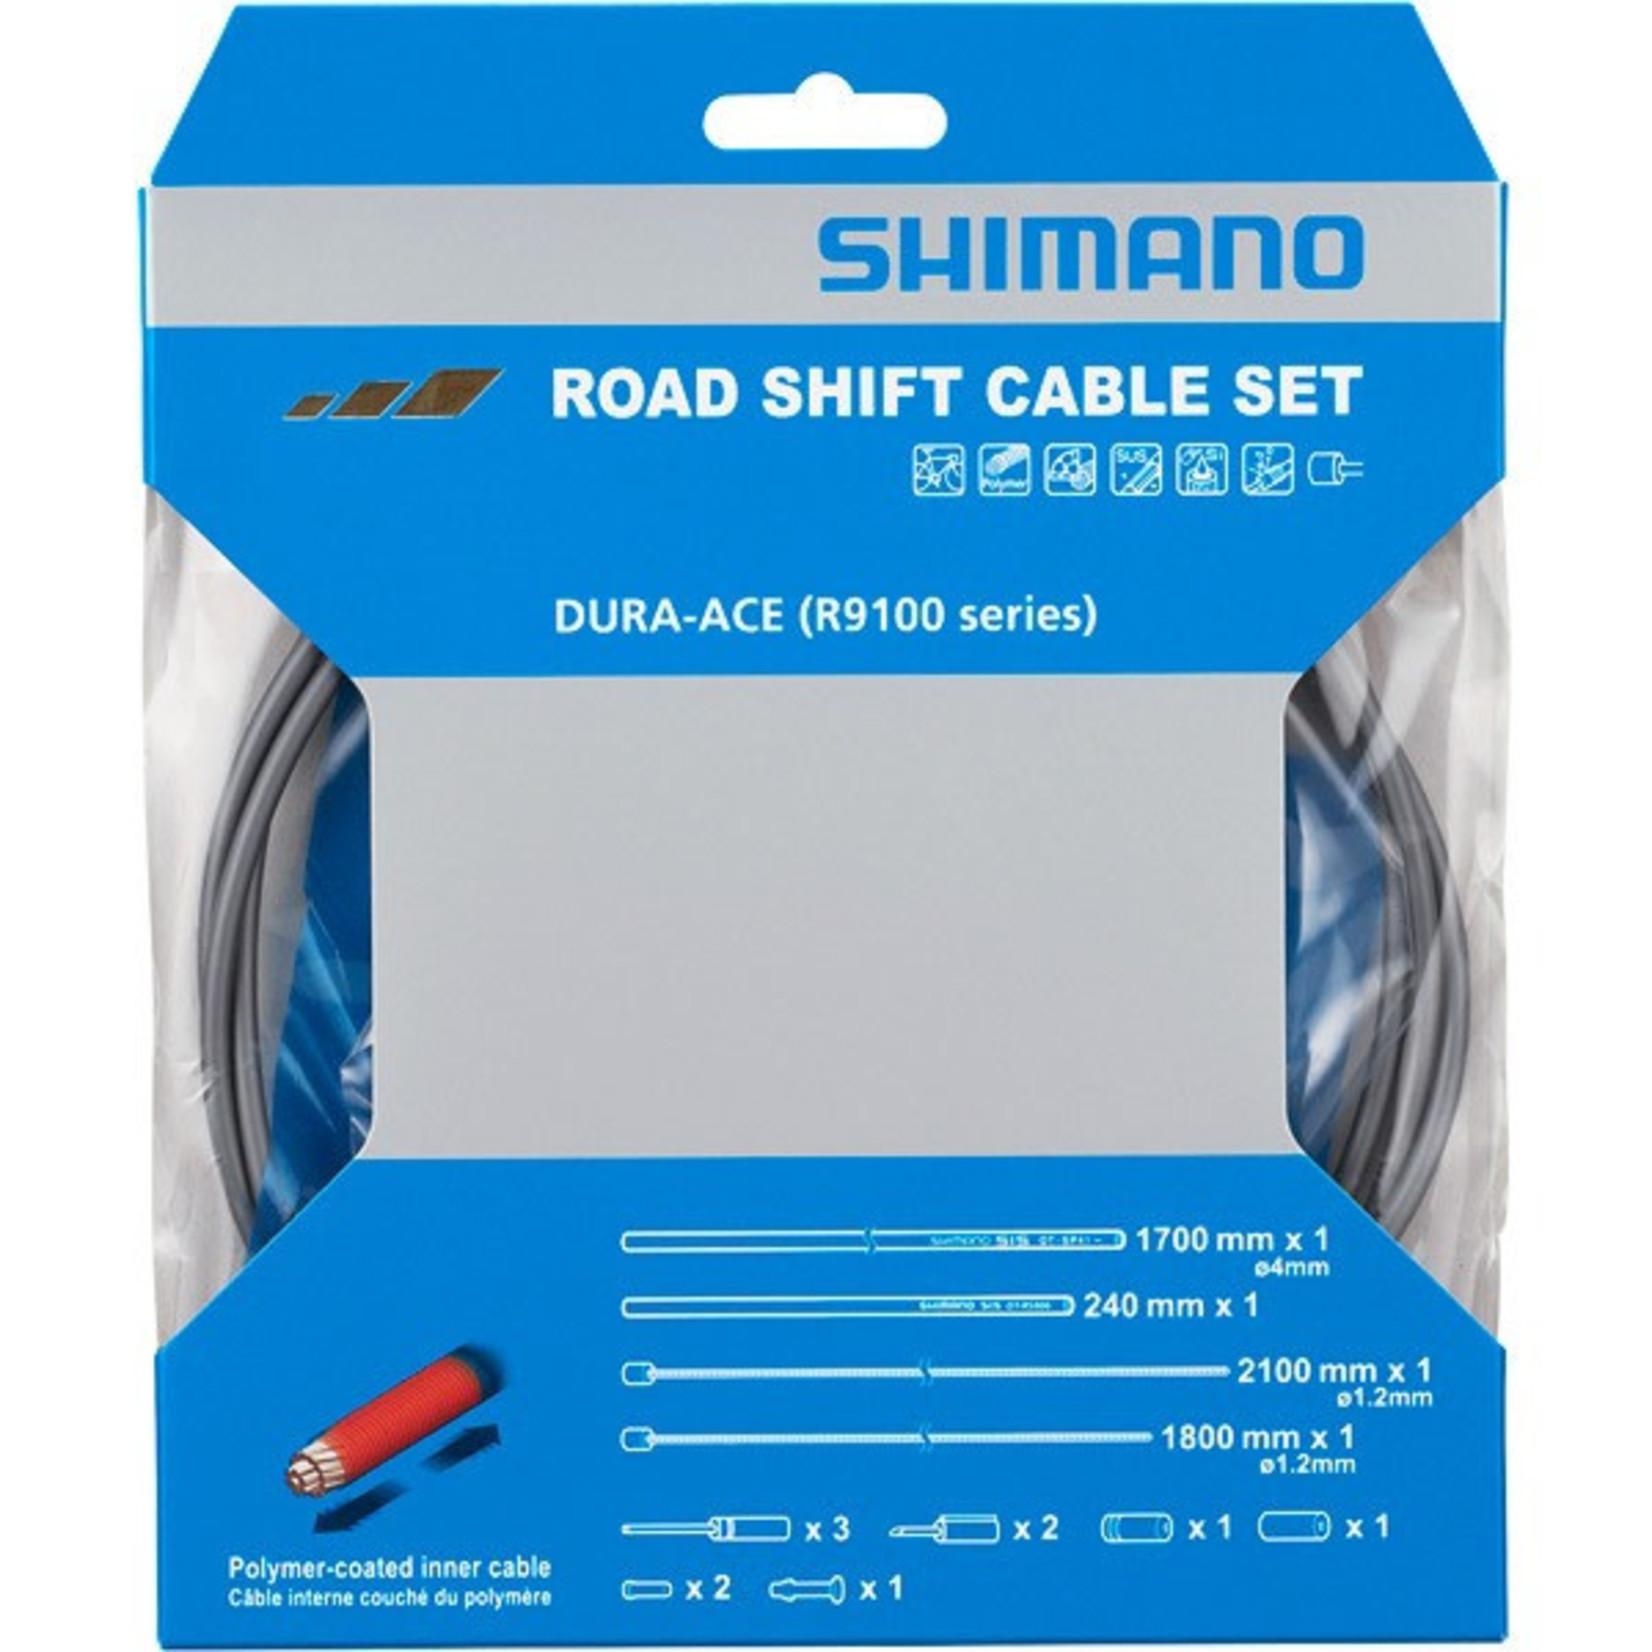 Shimano Road Gear Cable Set Dura-Ace R9100 Grey